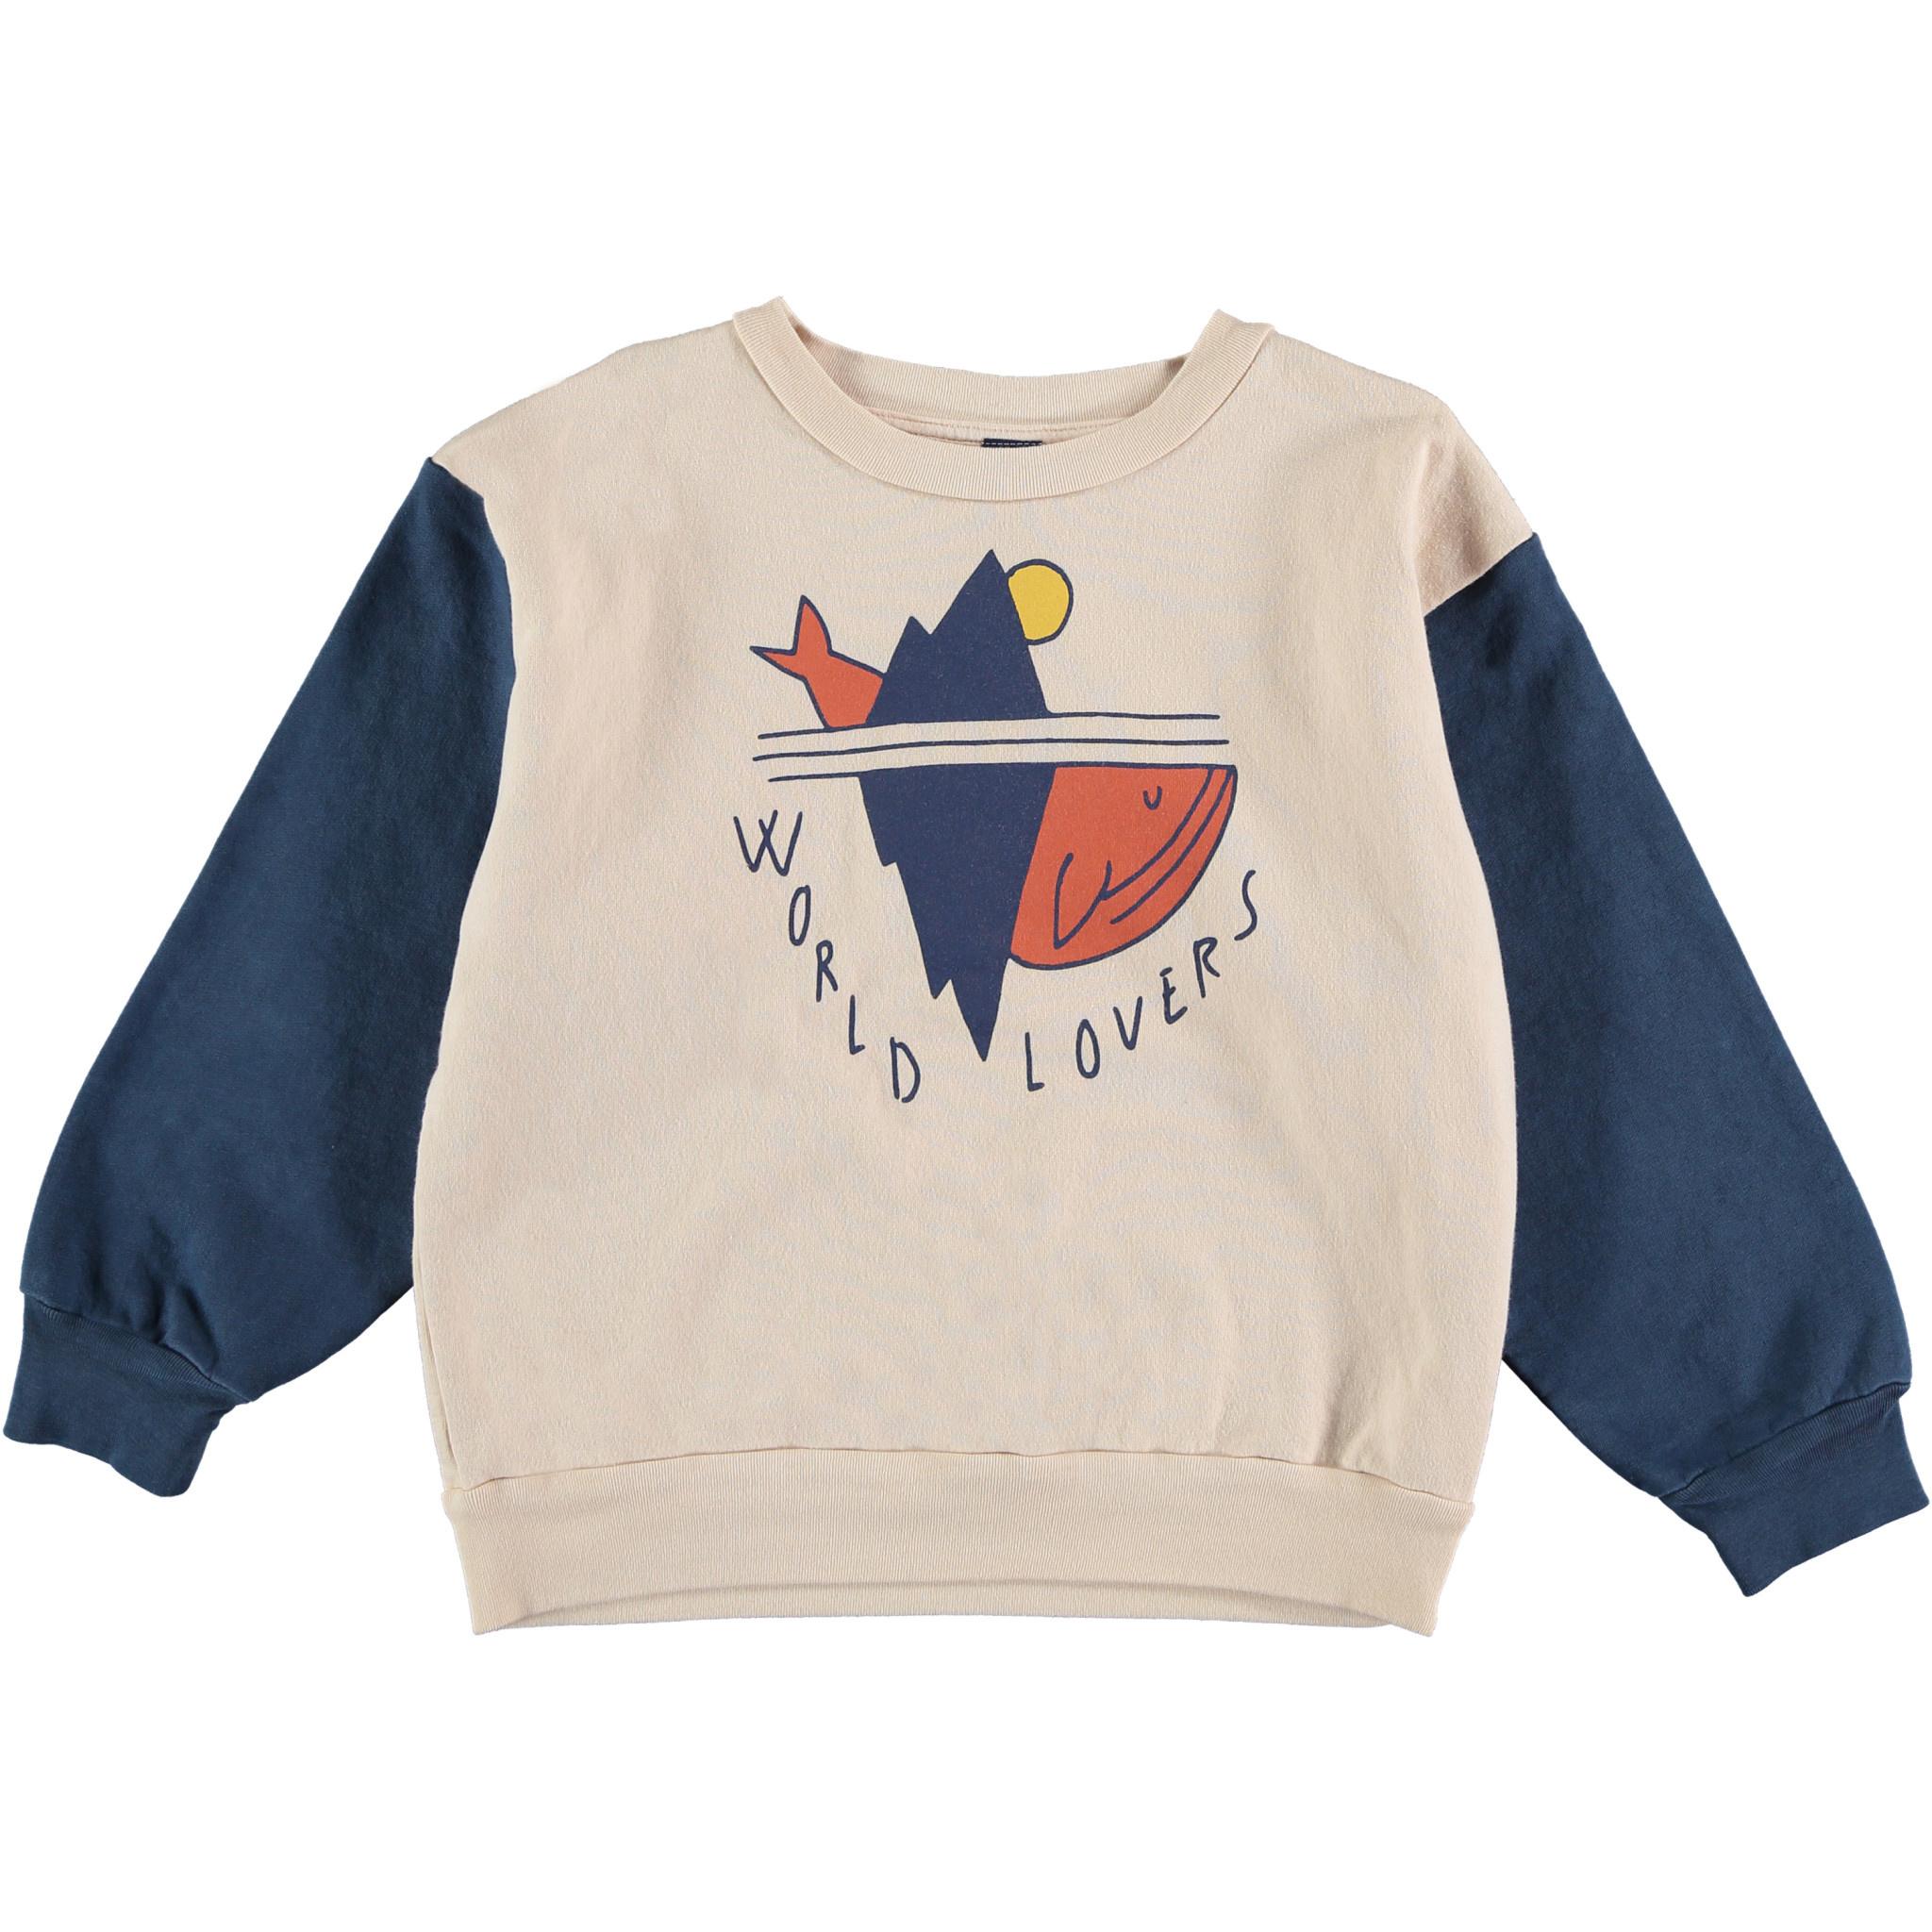 Sweatshirt world lovers navy teens-1